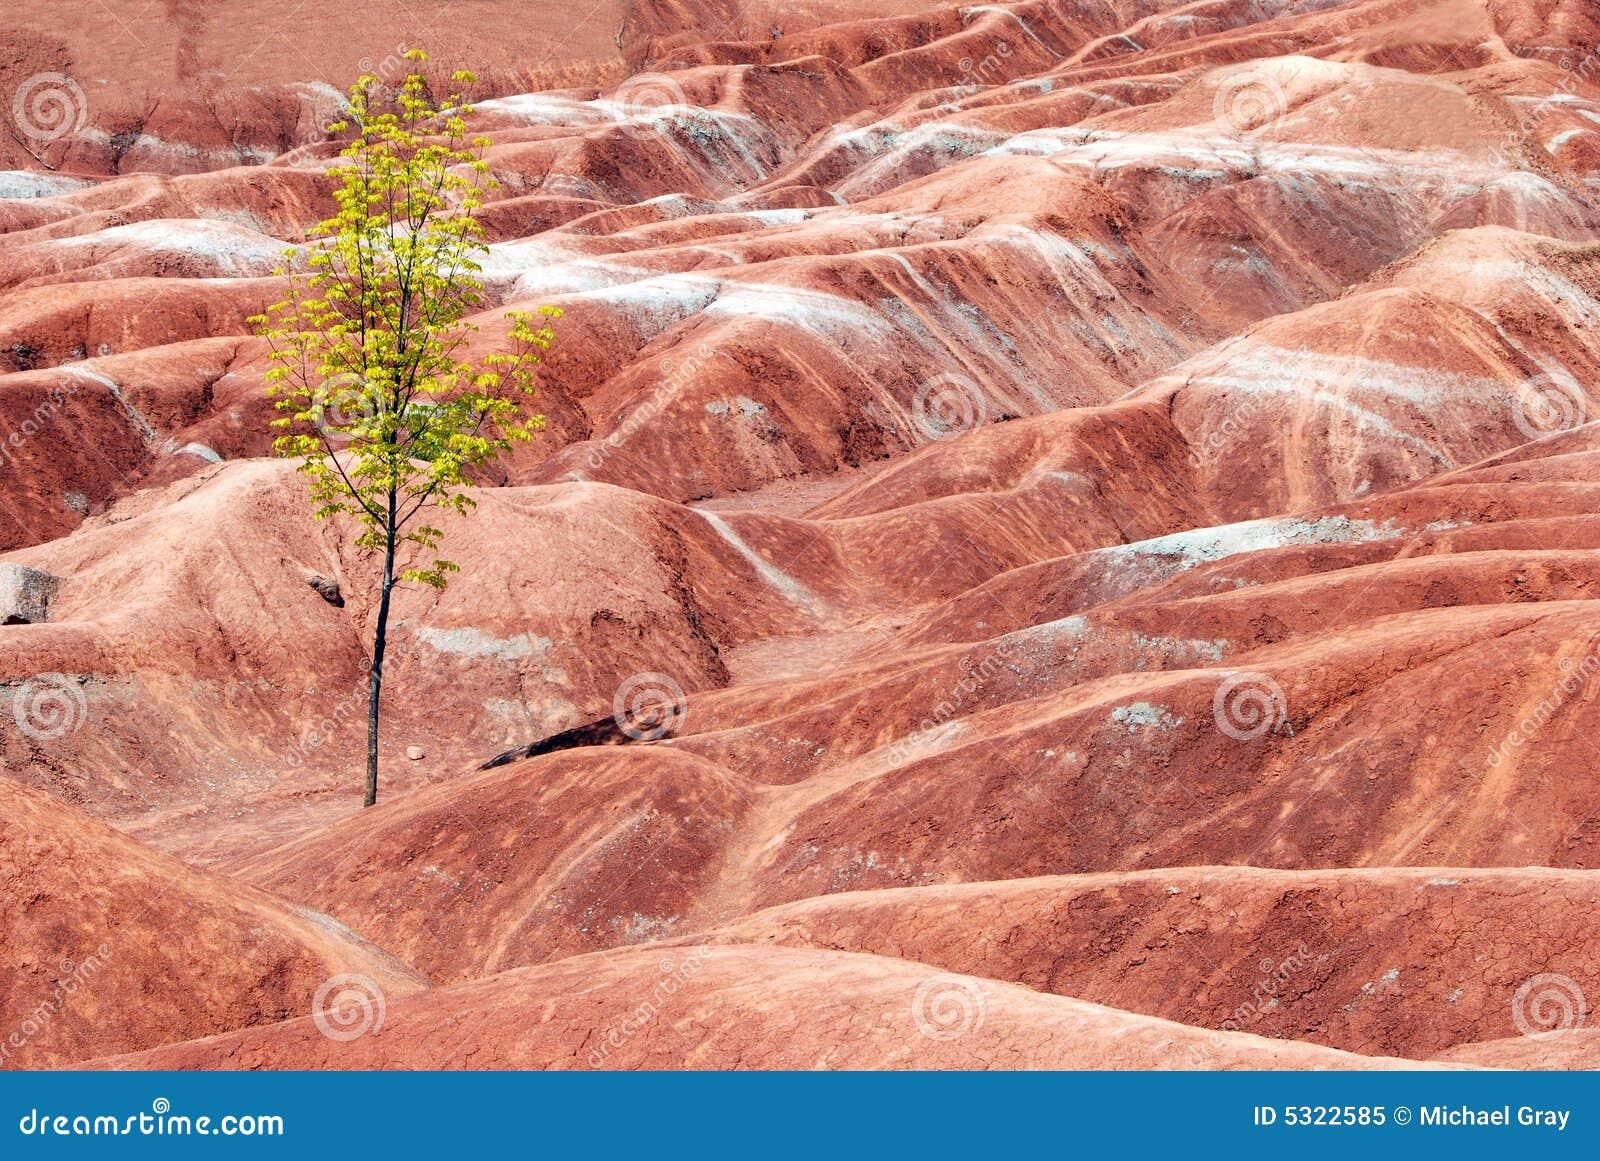 Download Calanchi Con Un Albero Solo Immagine Stock - Immagine di verde, nudo: 5322585